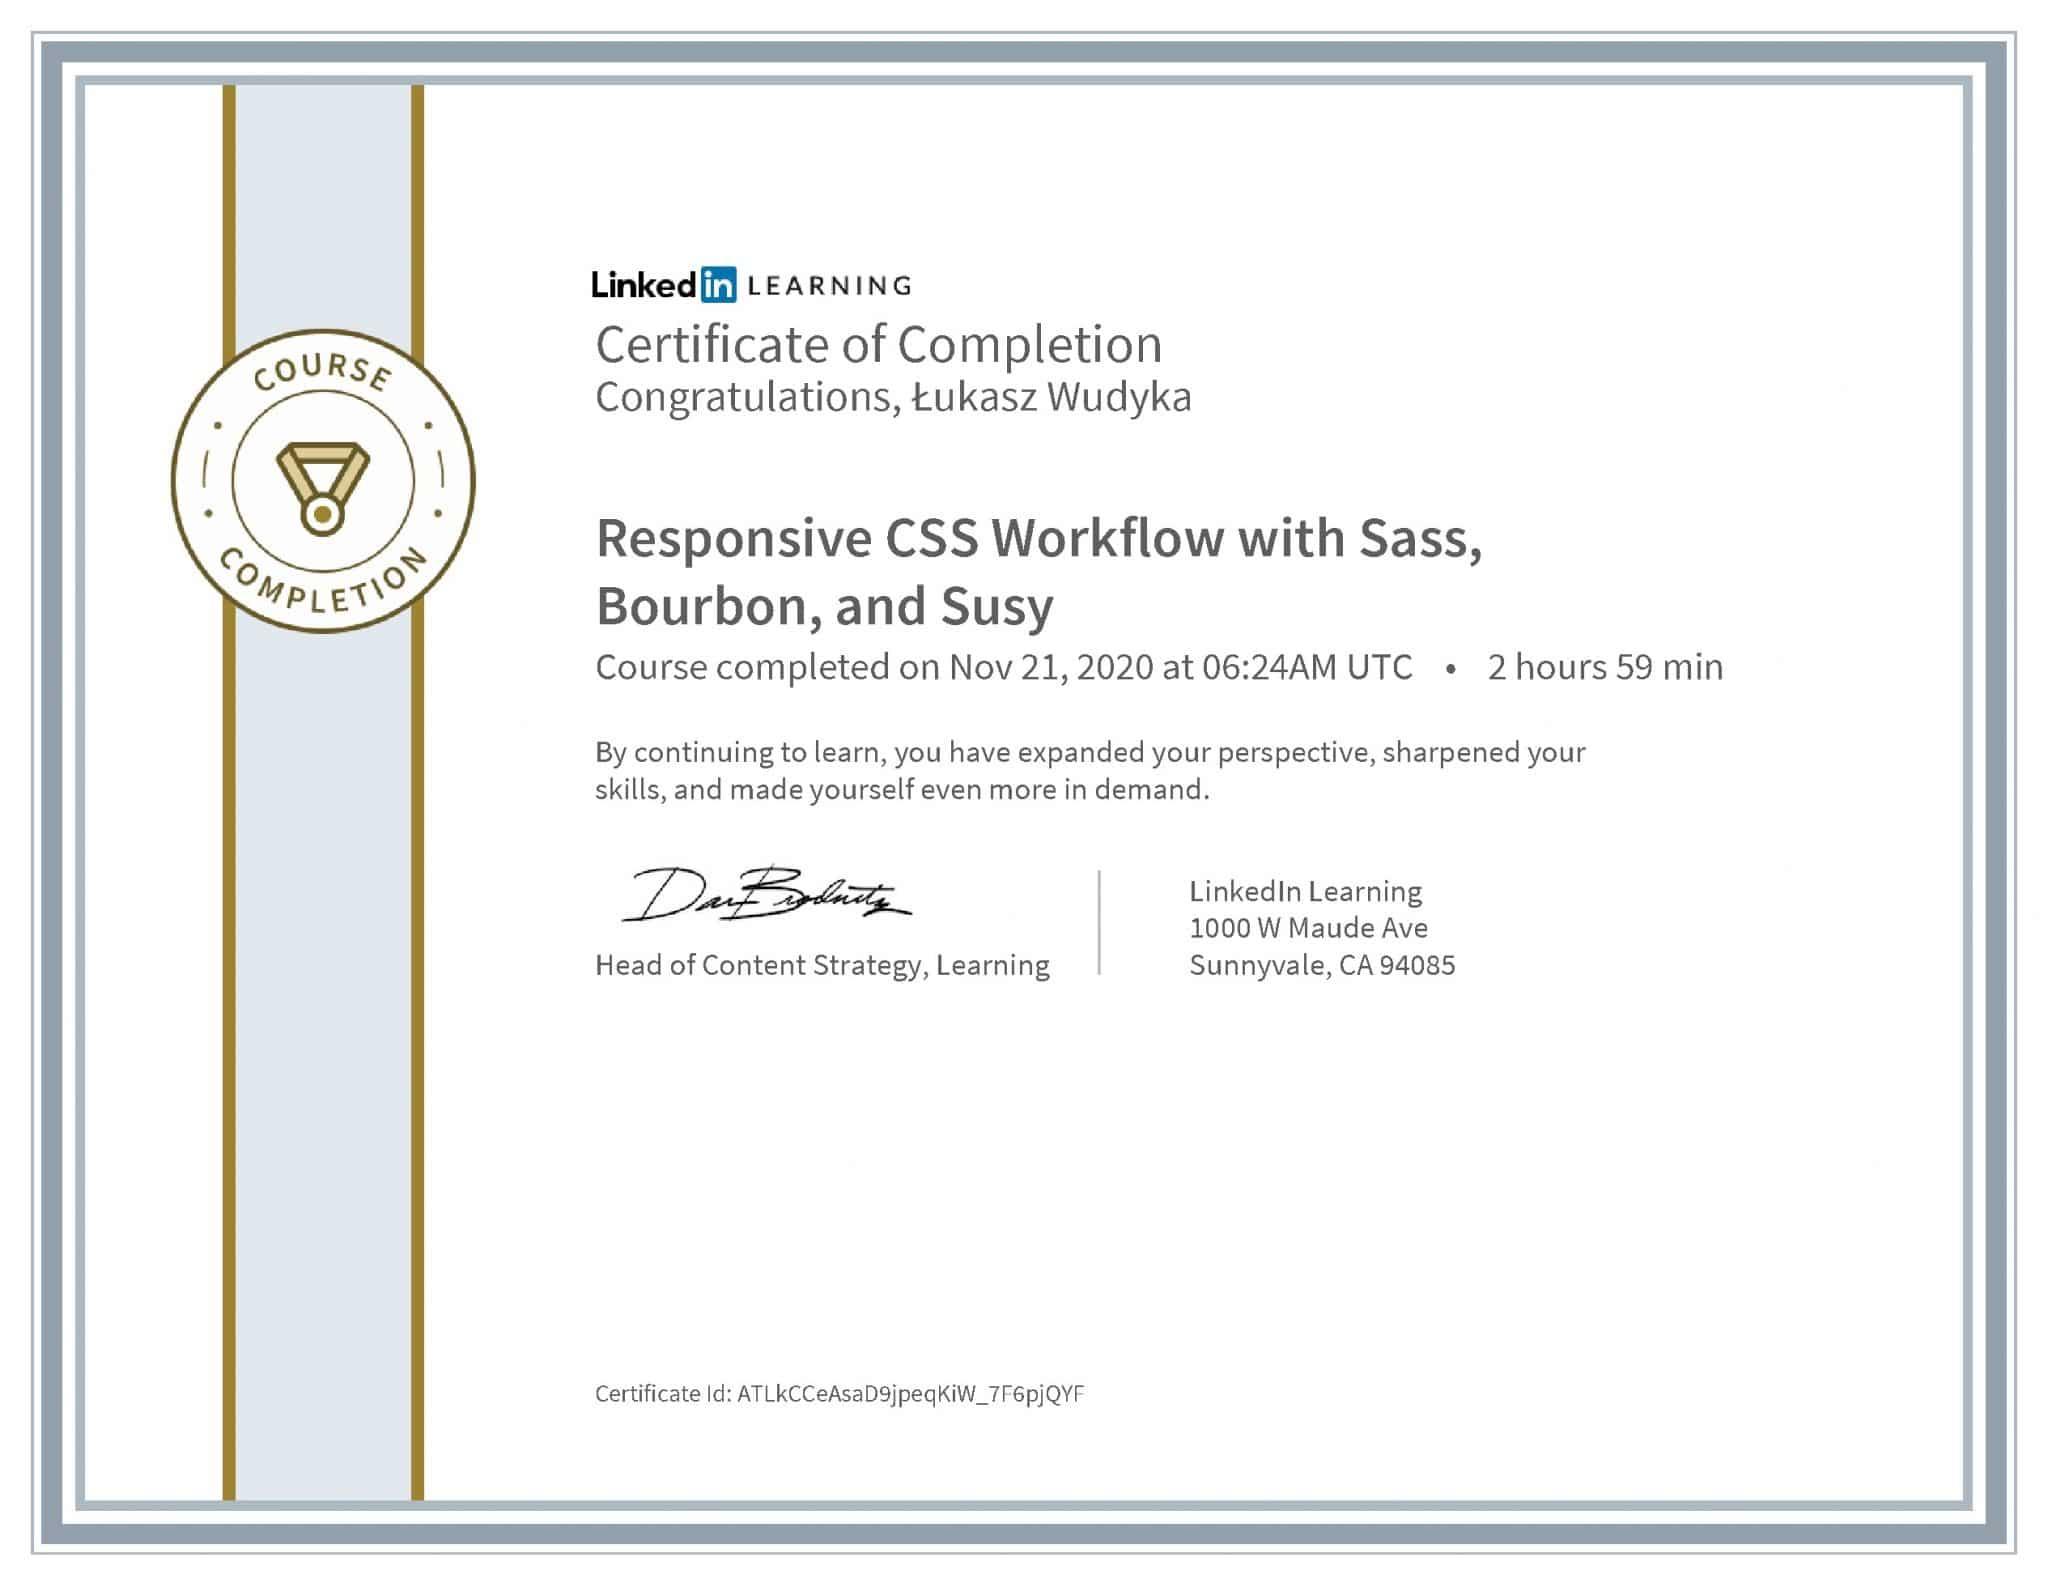 Łukasz Wudyka certyfikat LinkedIn Responsive CSS Workflow with Sass, Bourbon, and Susy